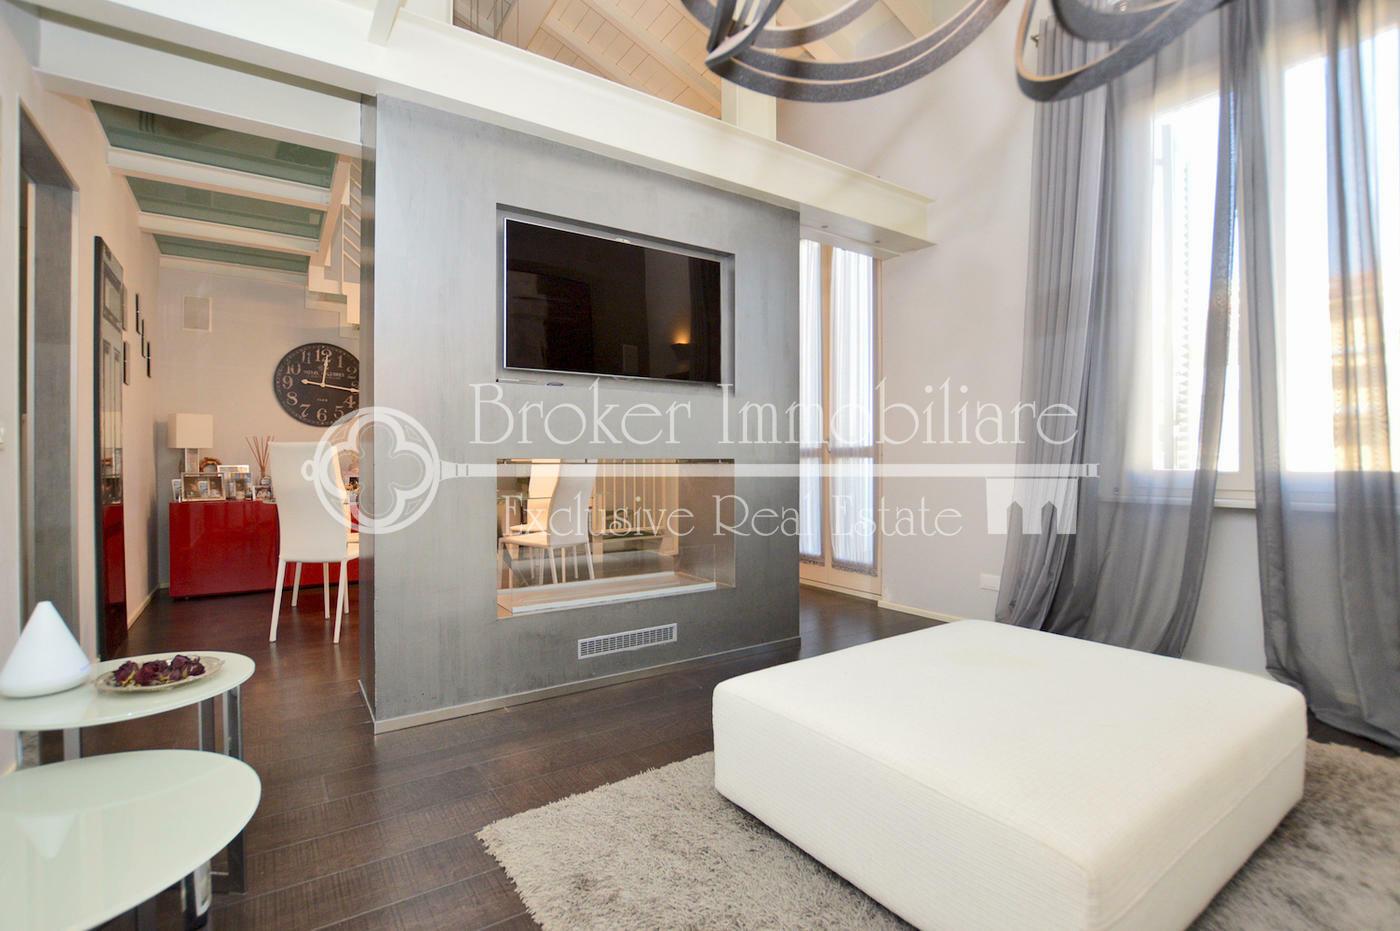 Appartamento indipendente di design in vendita a viareggio for Design vendita